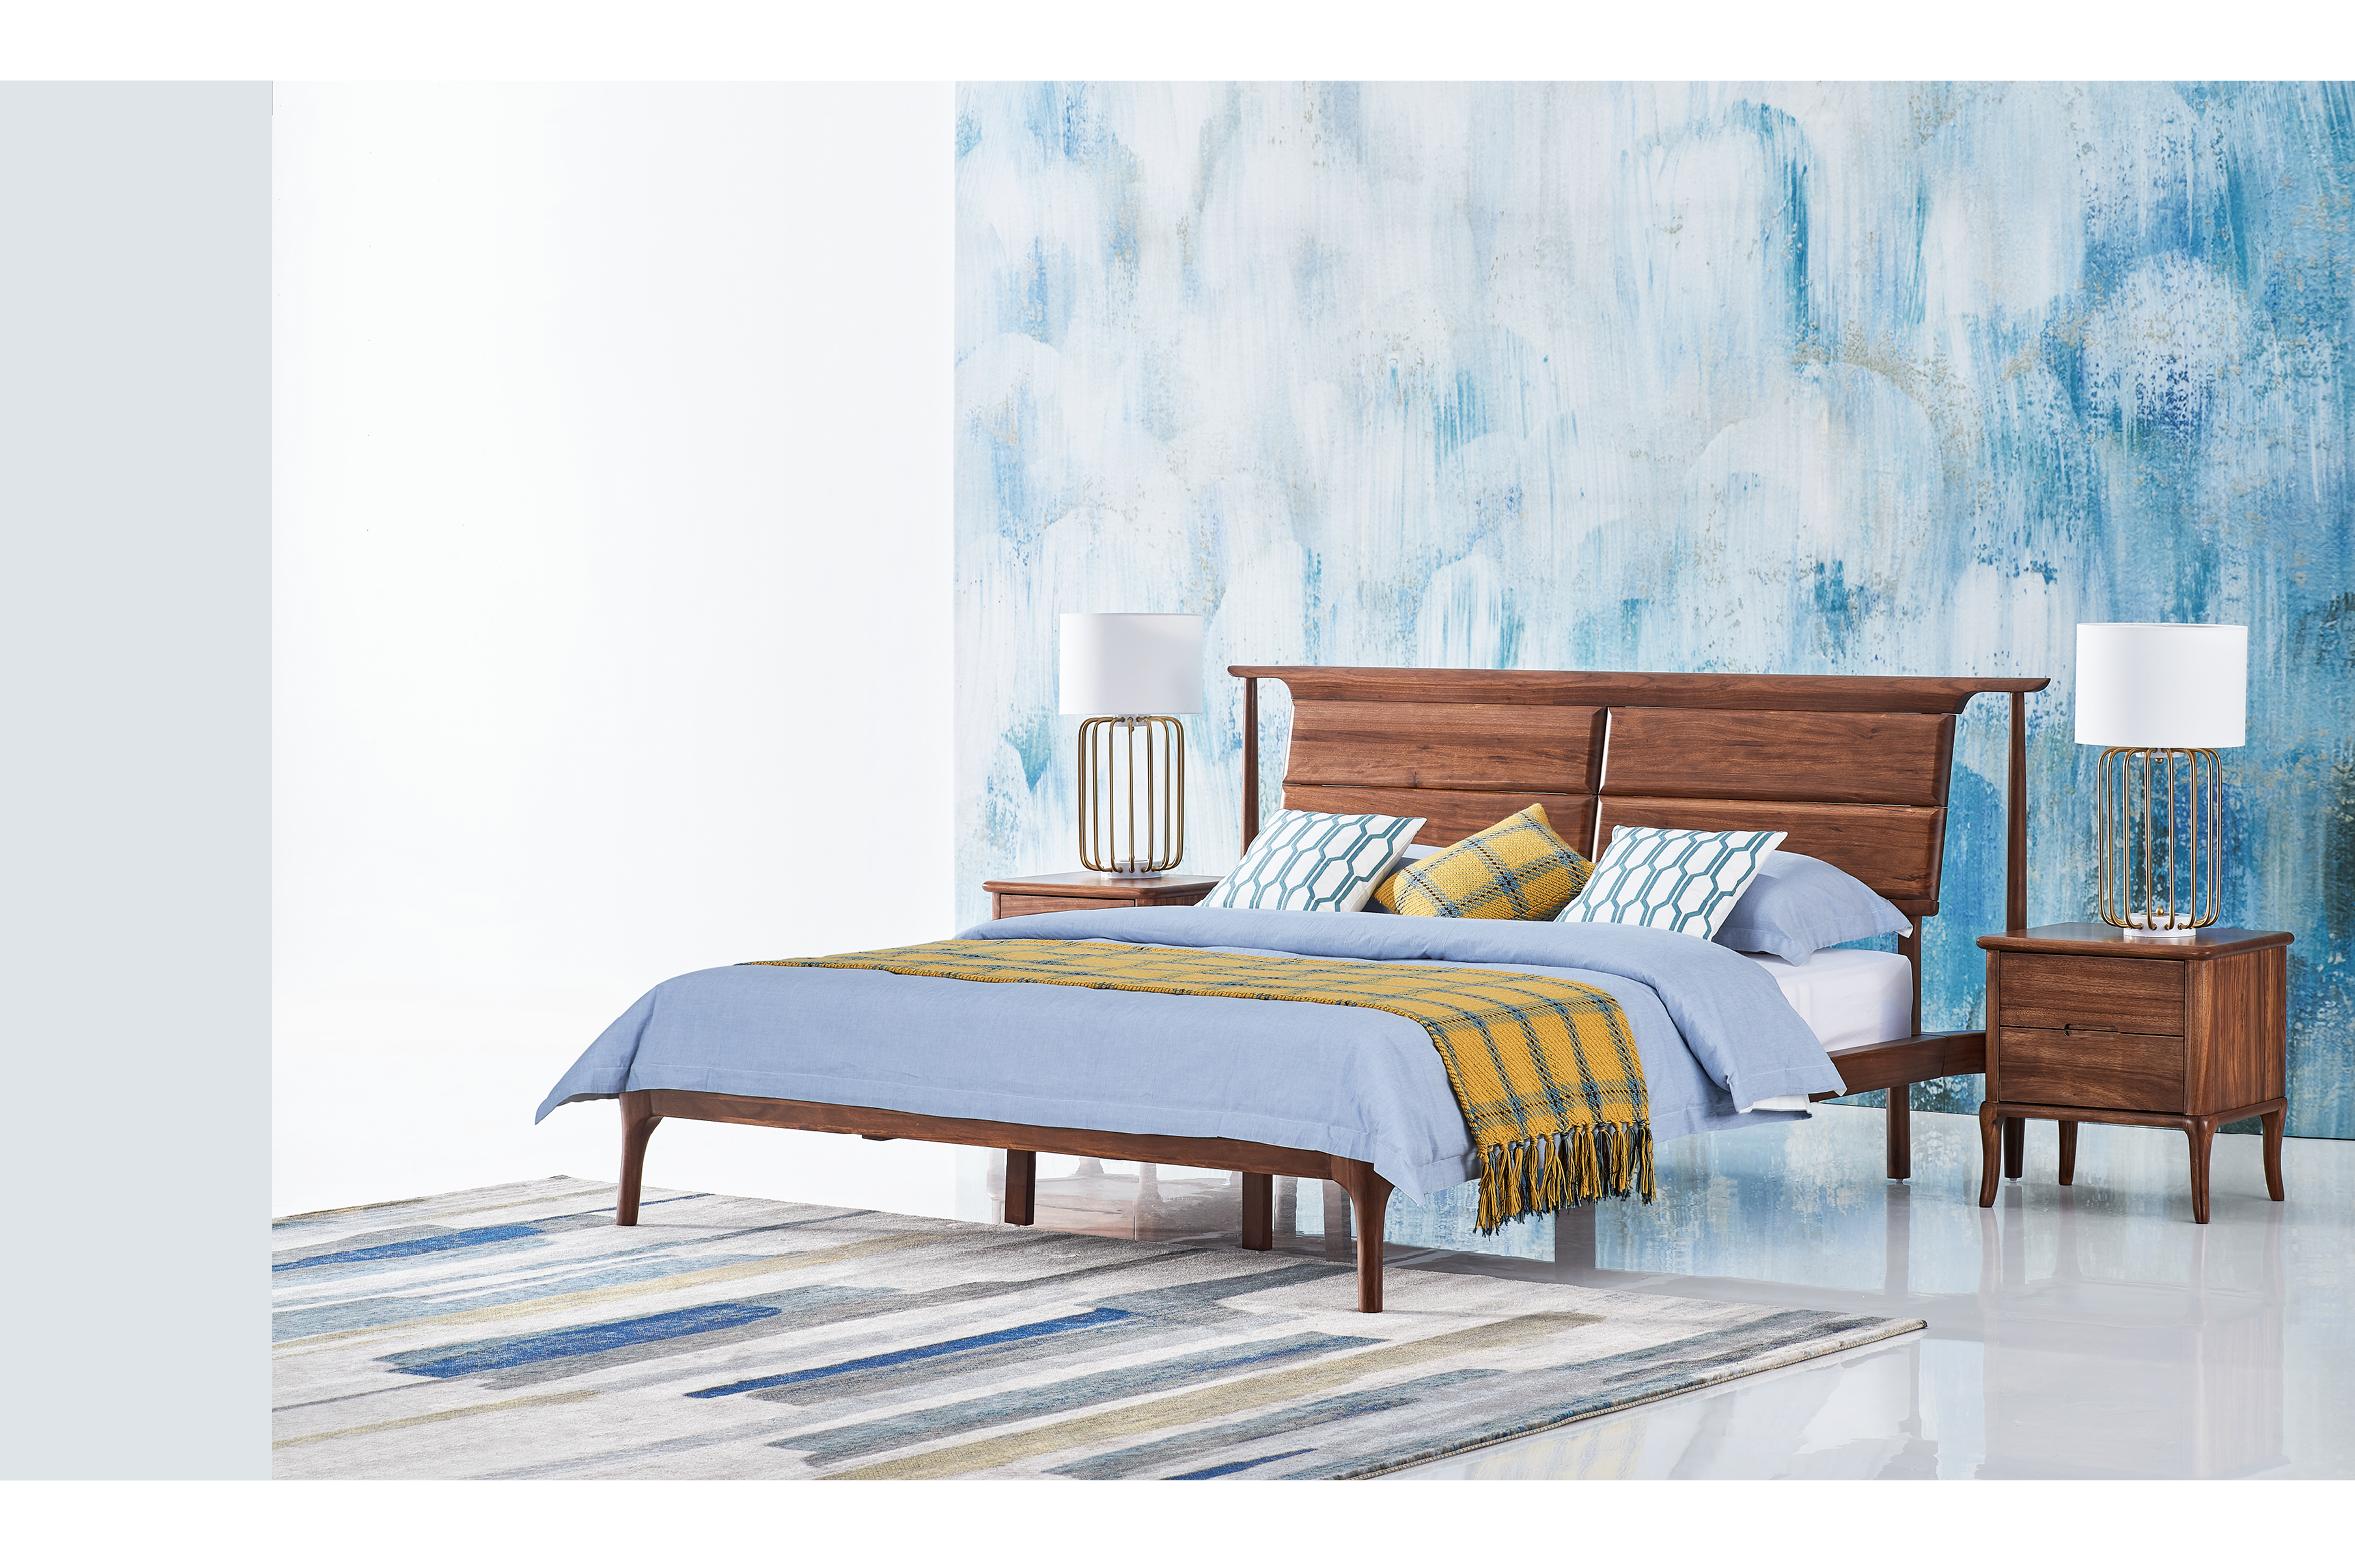 简约 欧式 实木家具图片来自浙江阿家咪米在阿家咪米实木家具美图的分享